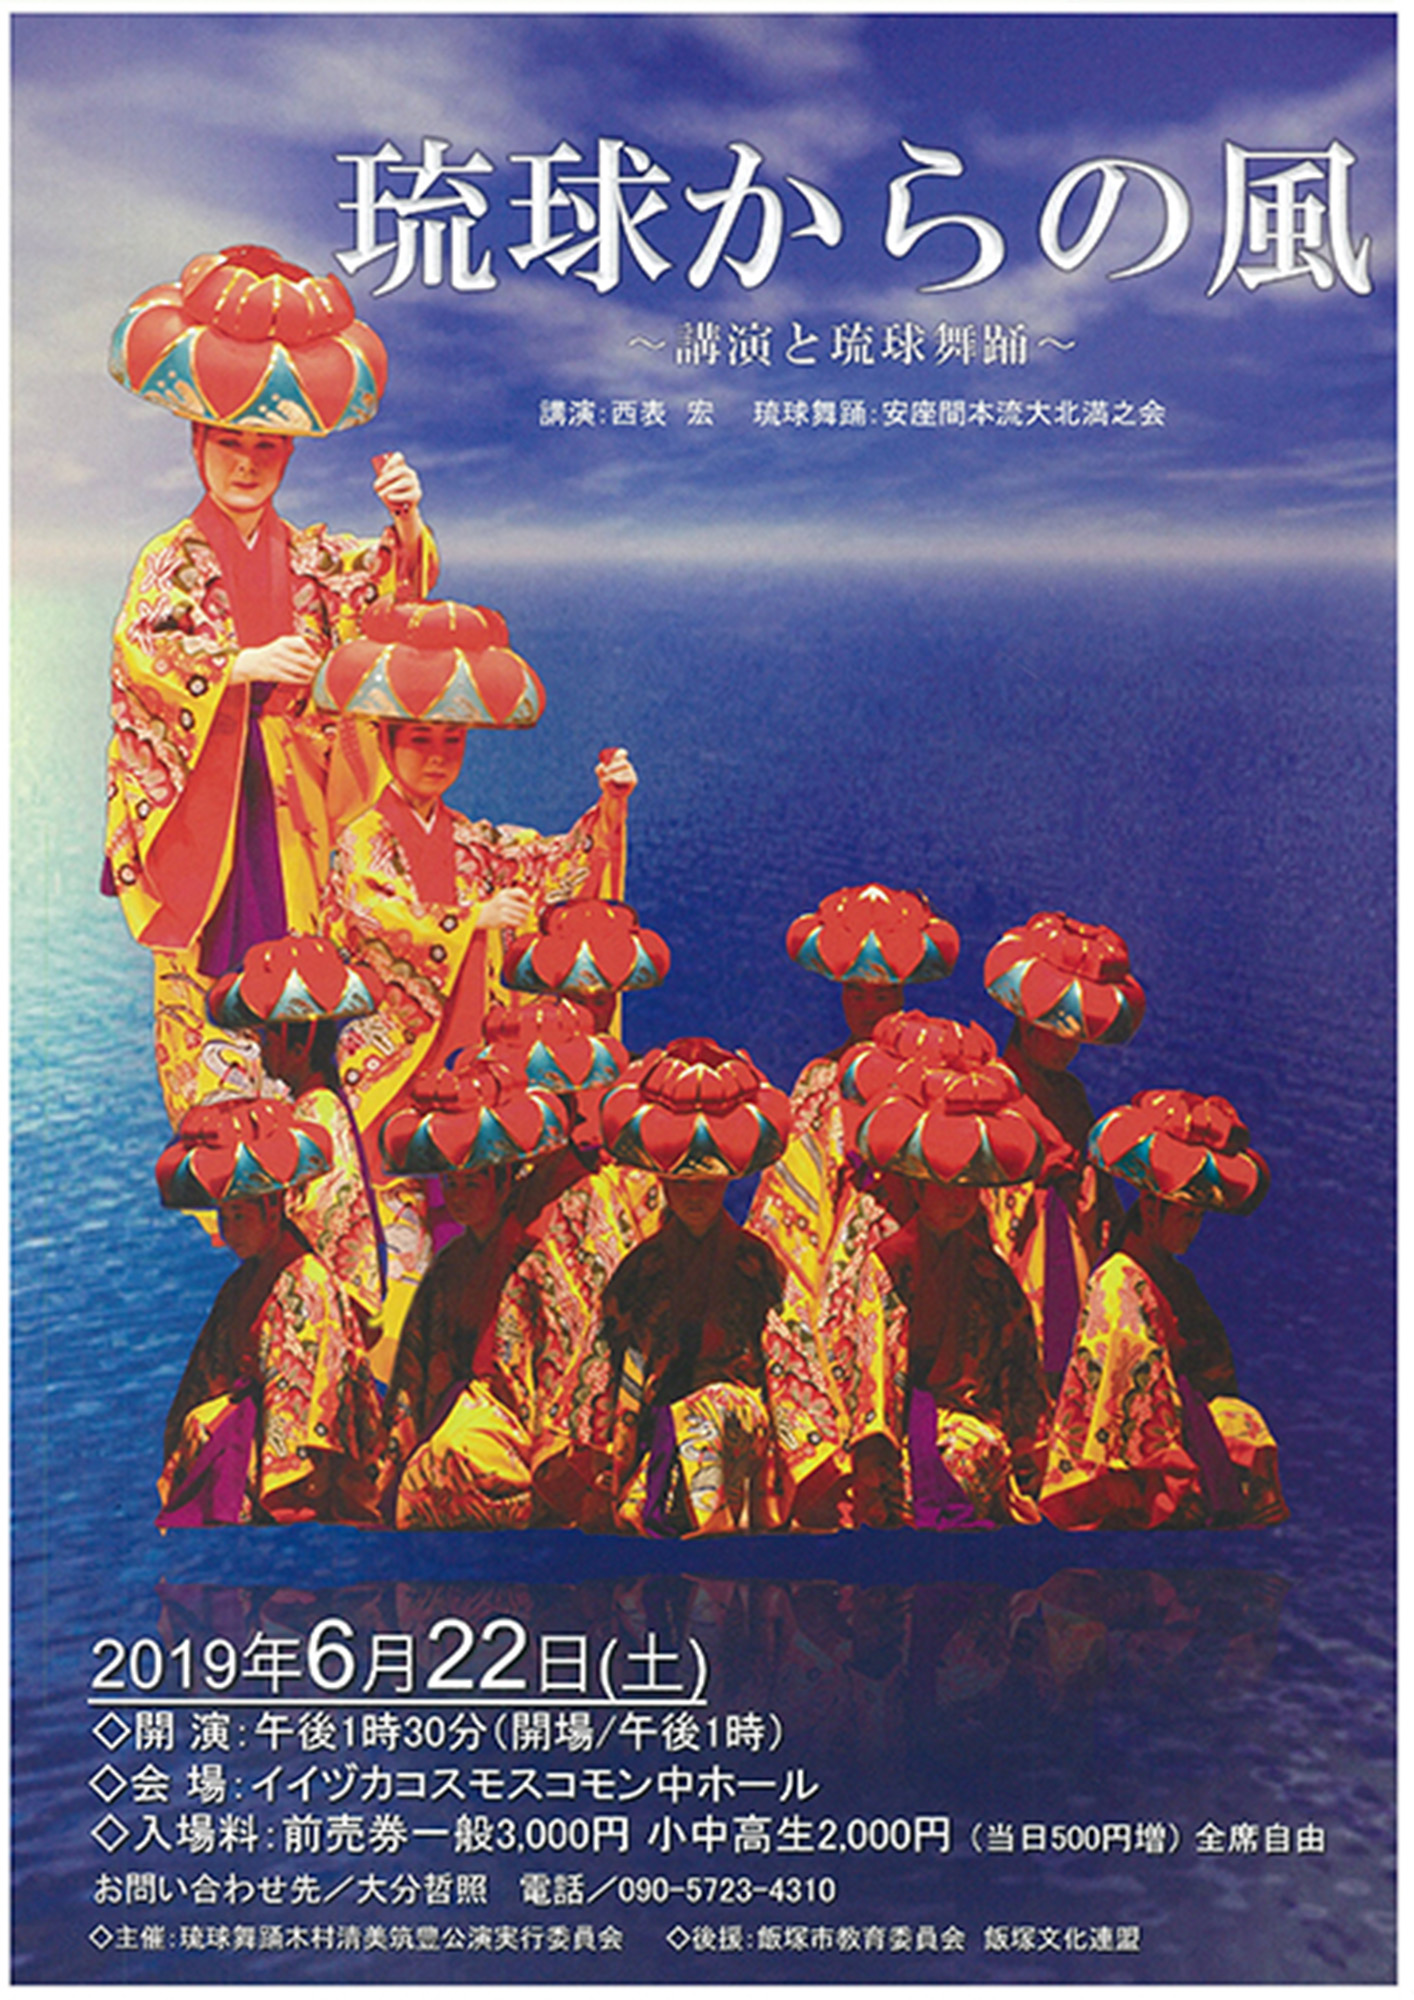 琉球からの風 -講演と琉球舞踊-